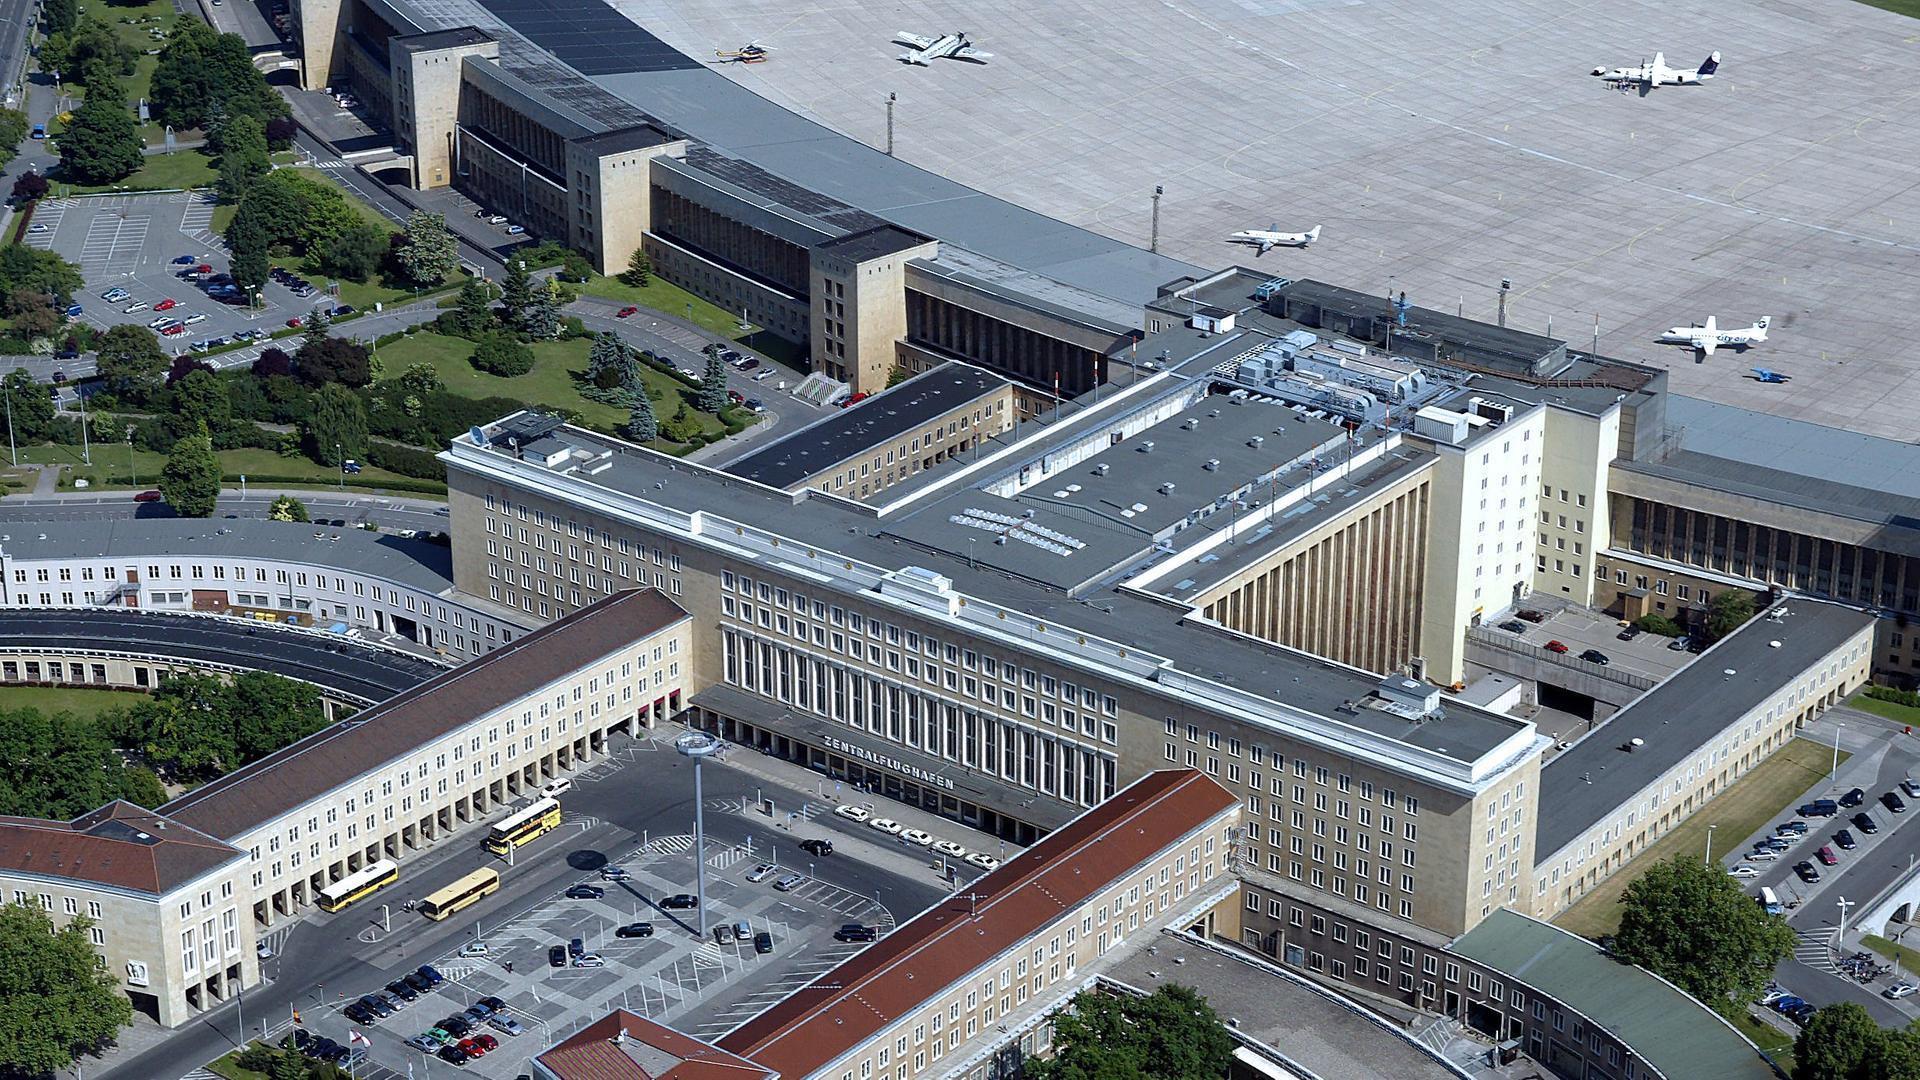 Flughafen Berlin Brandenburg Chronik Eines Desasters Zdfmediathek